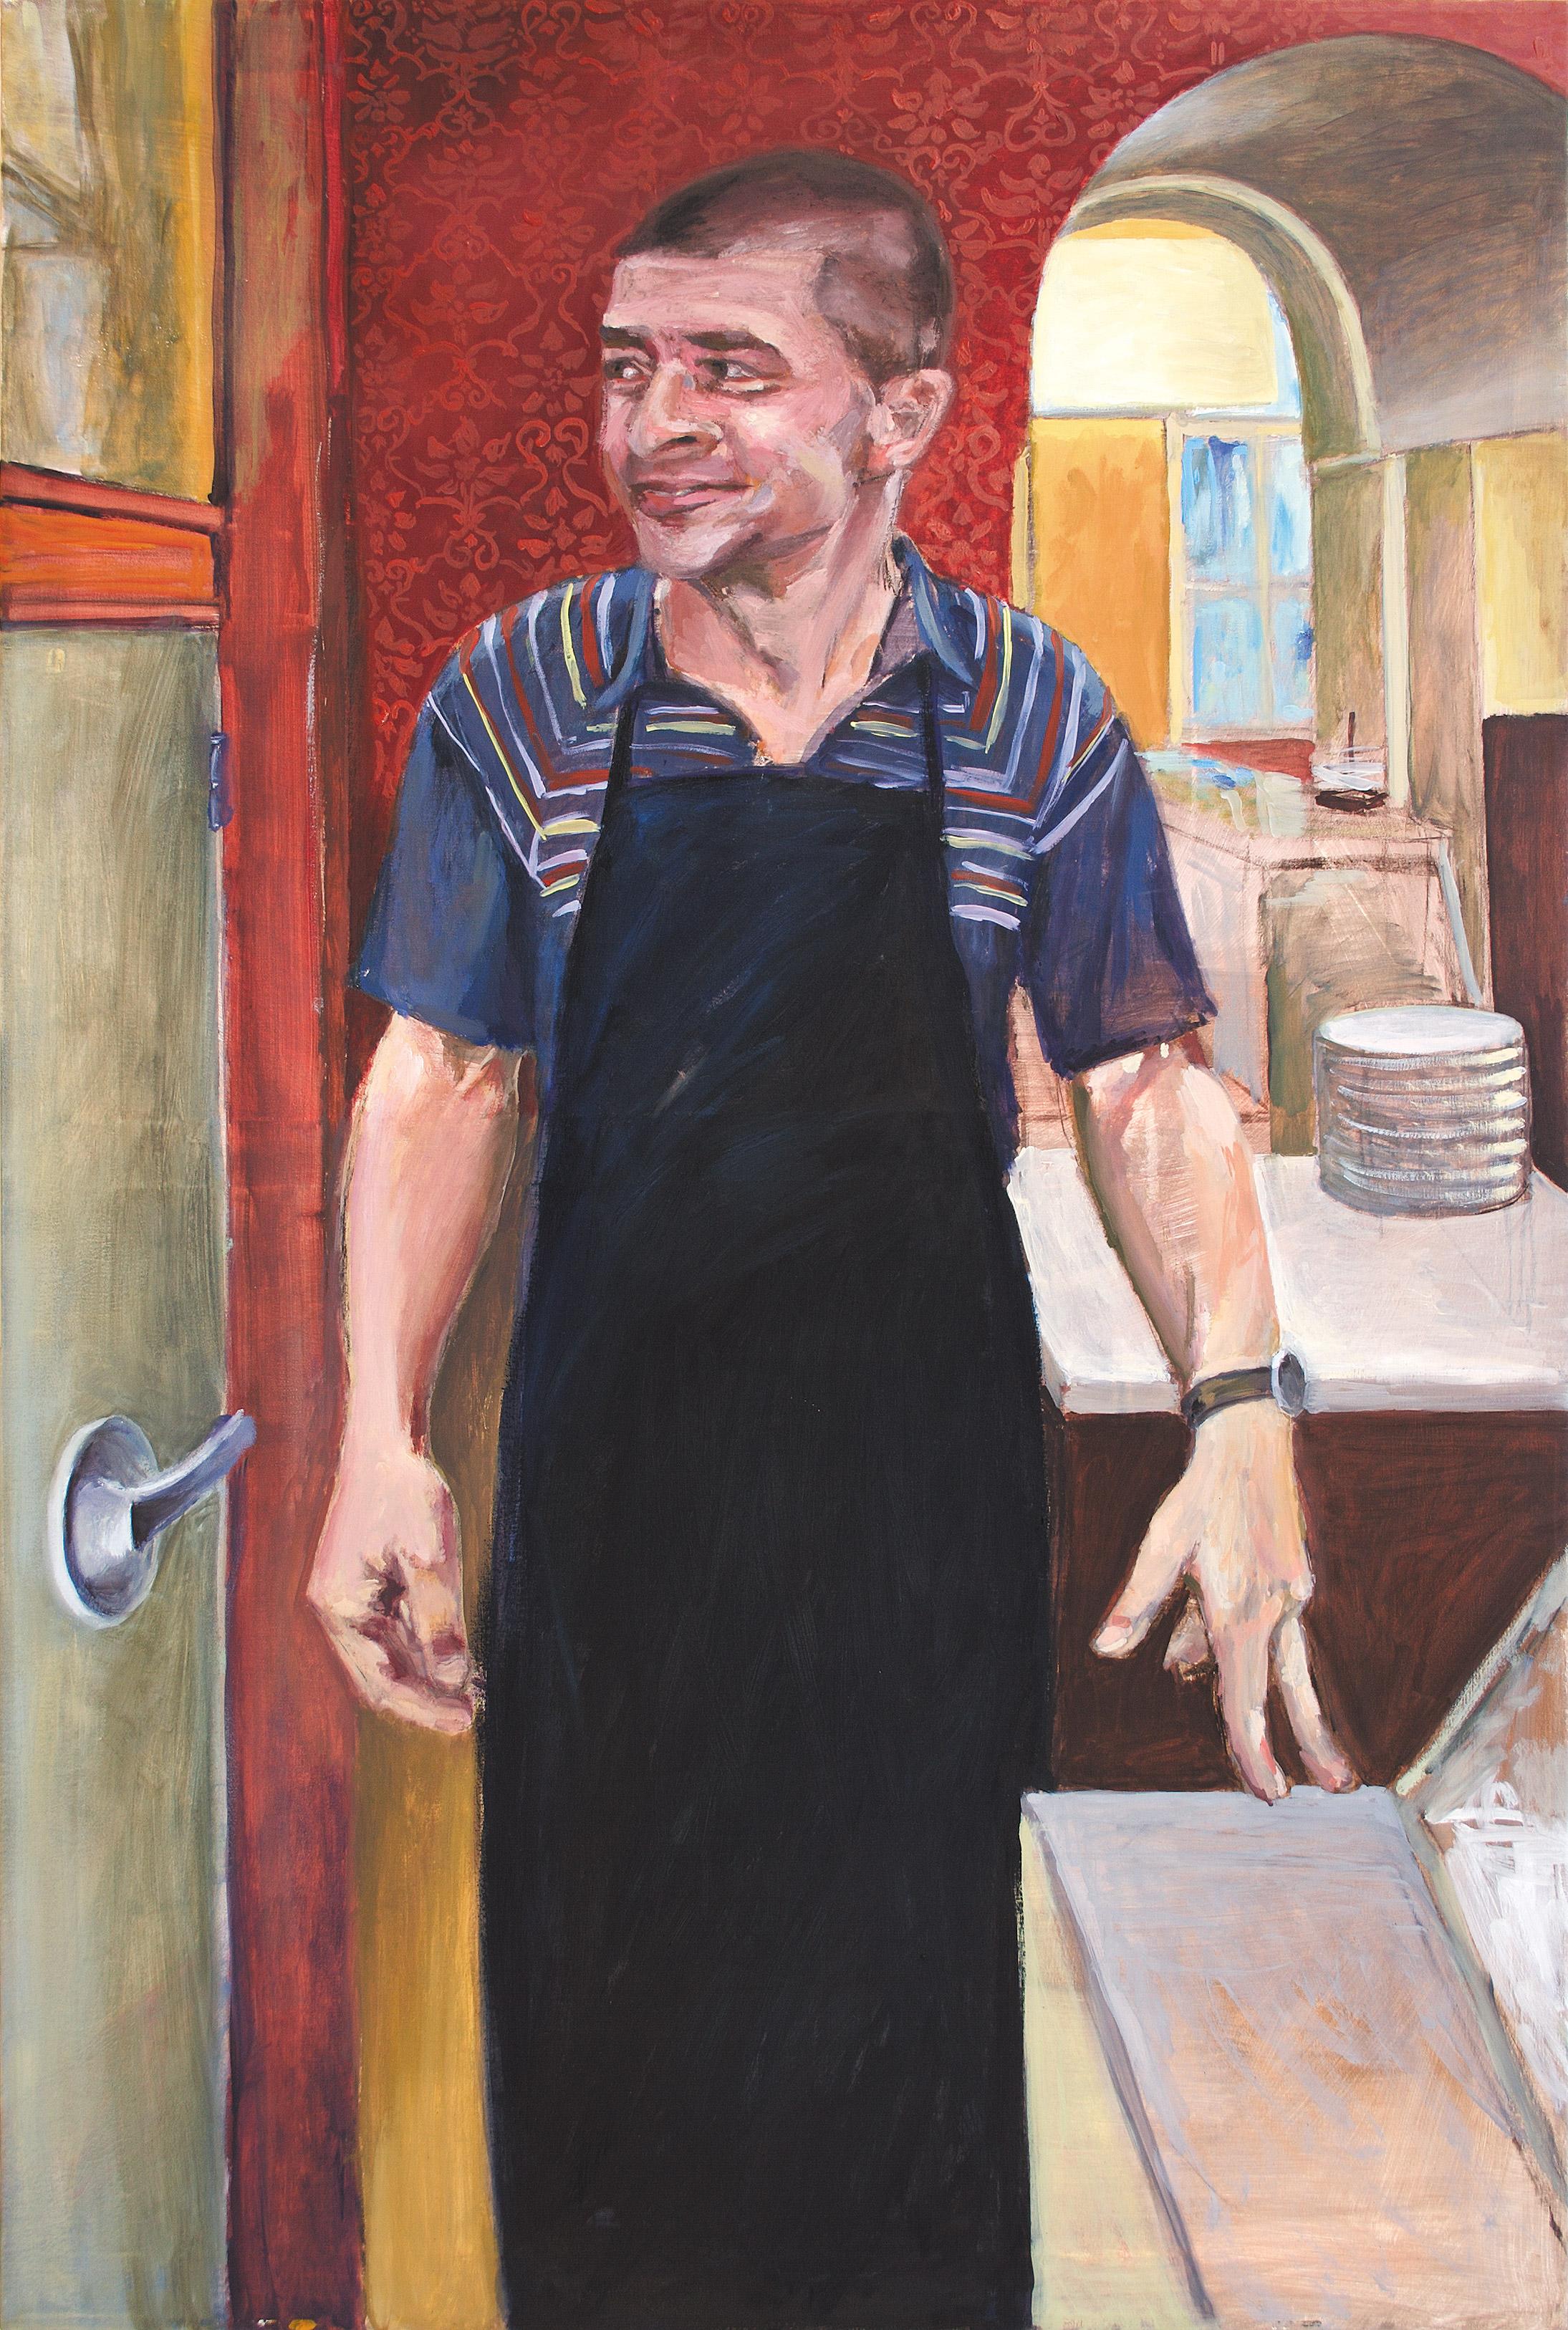 Bernard | Acryl und Öl auf Leinwand  (Acrylic and Oil on Canvas)